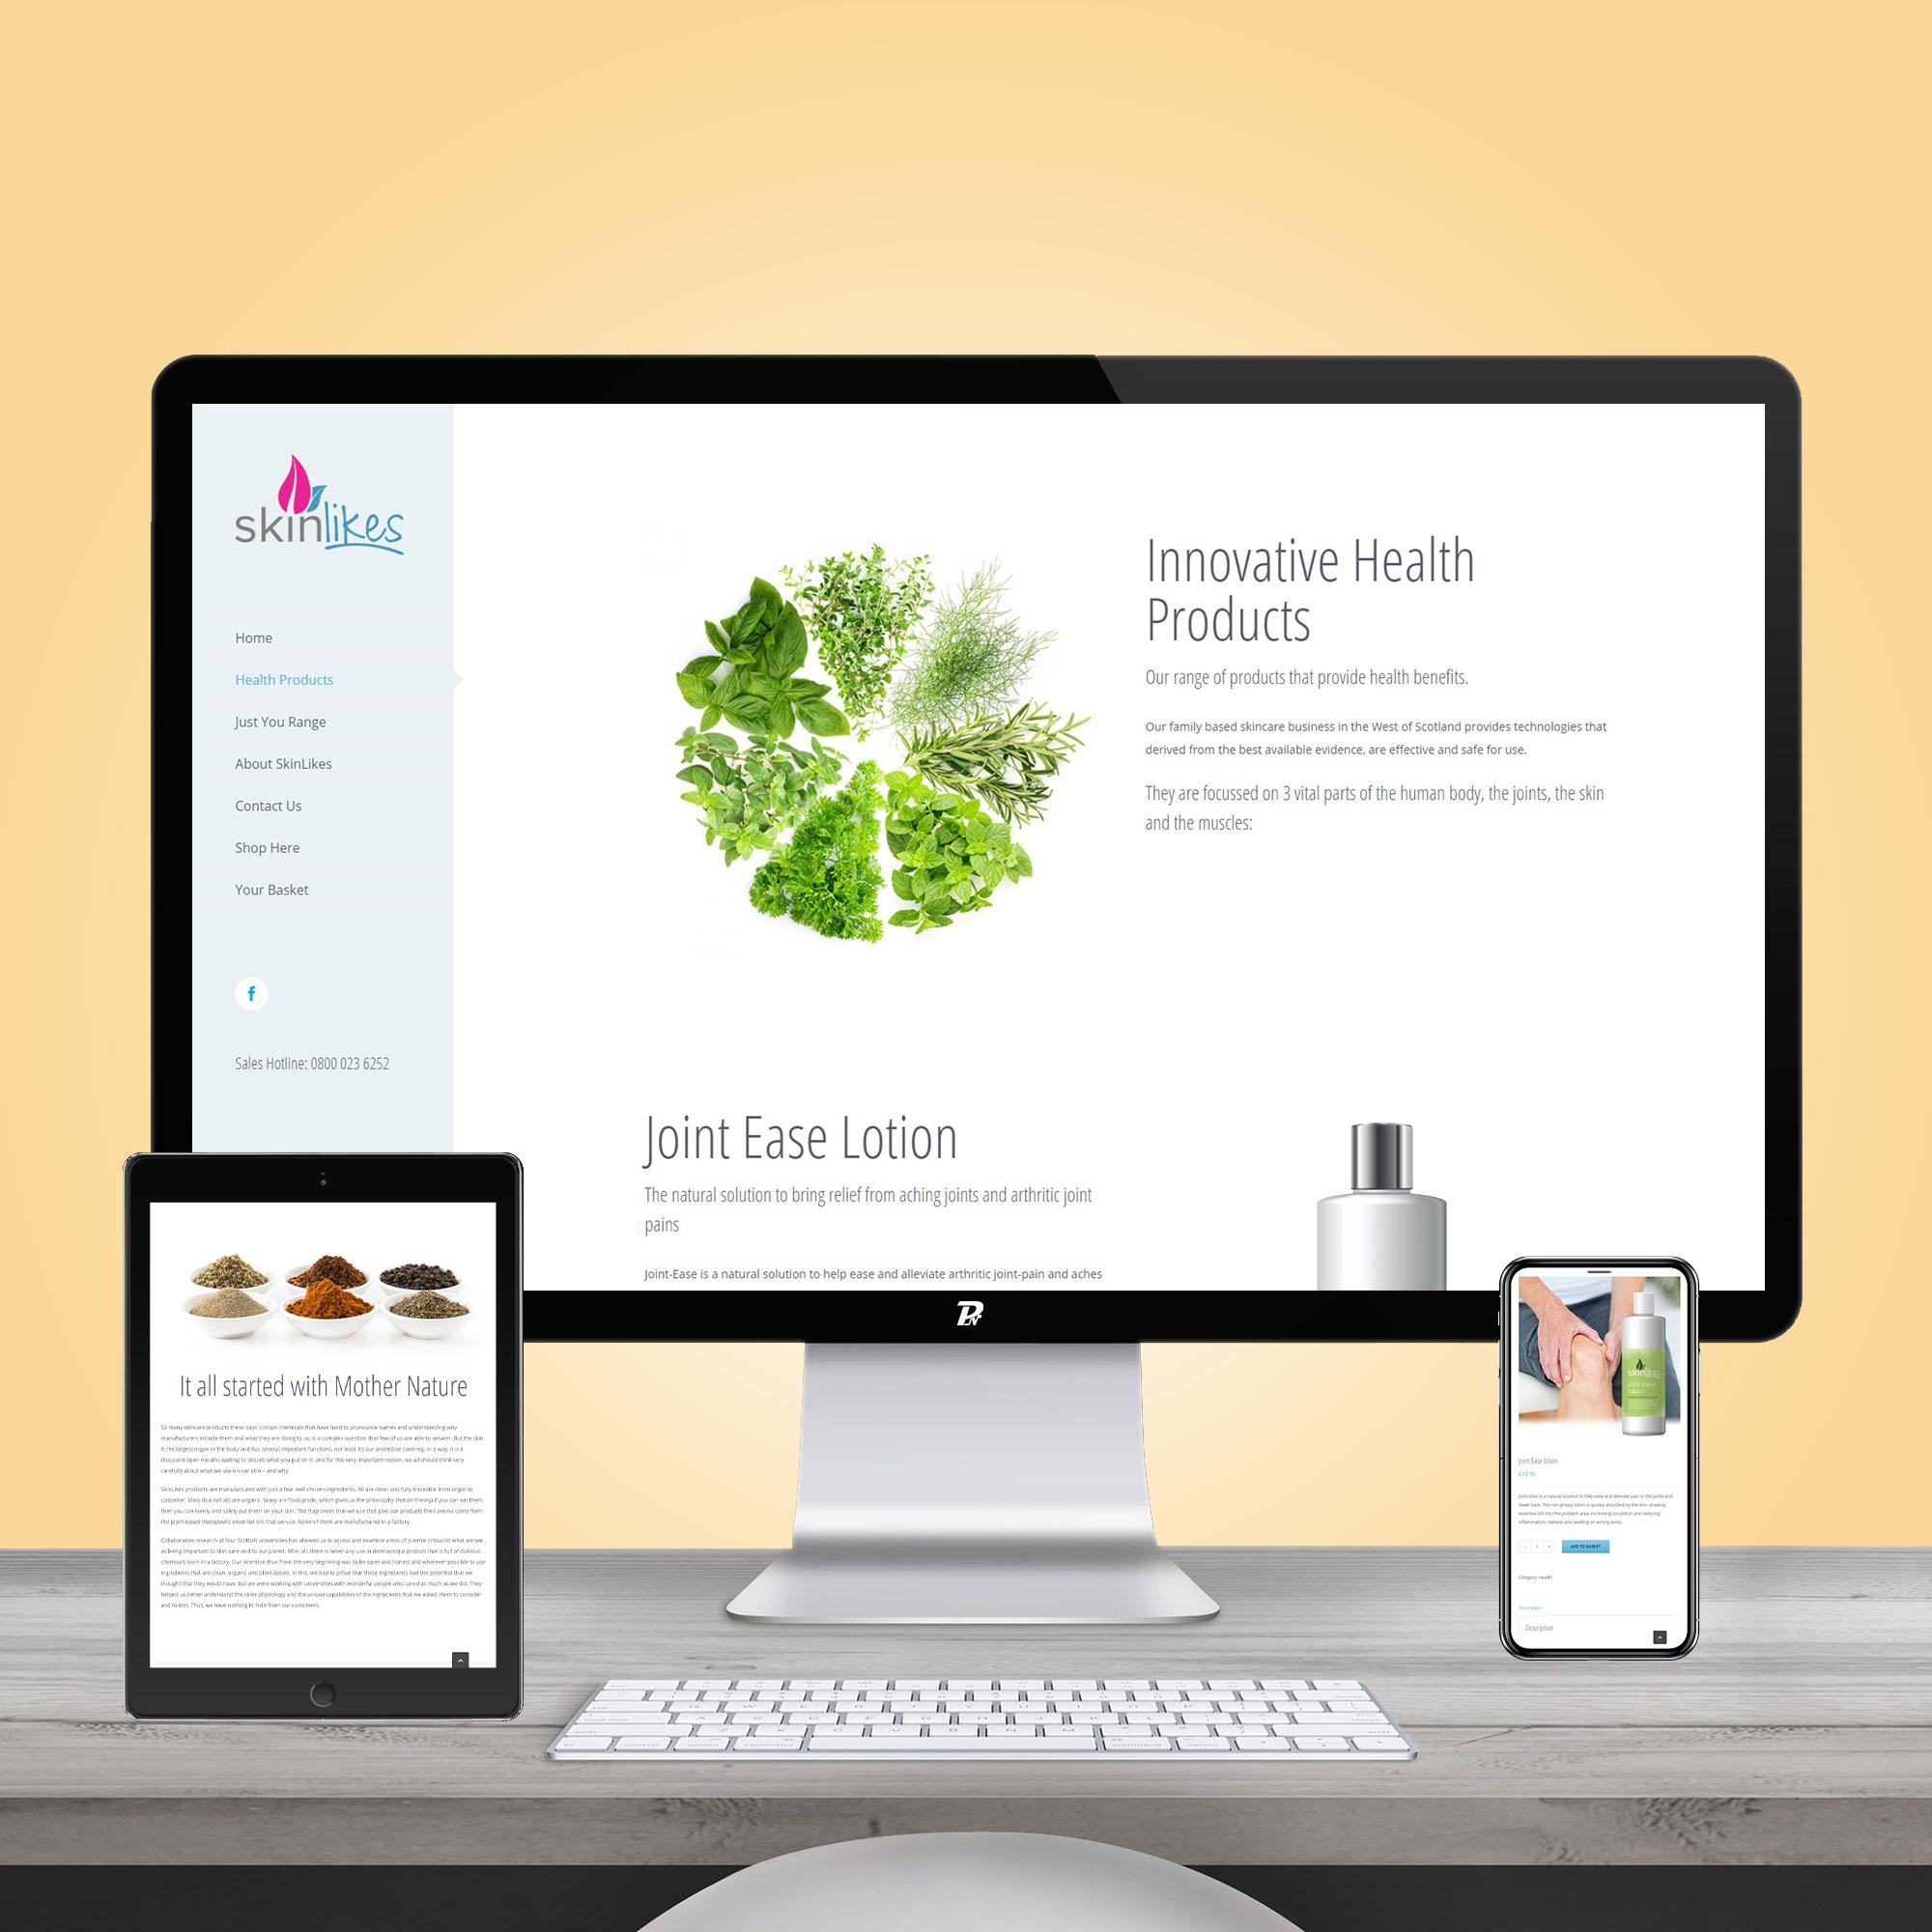 Website Design SkinLikes